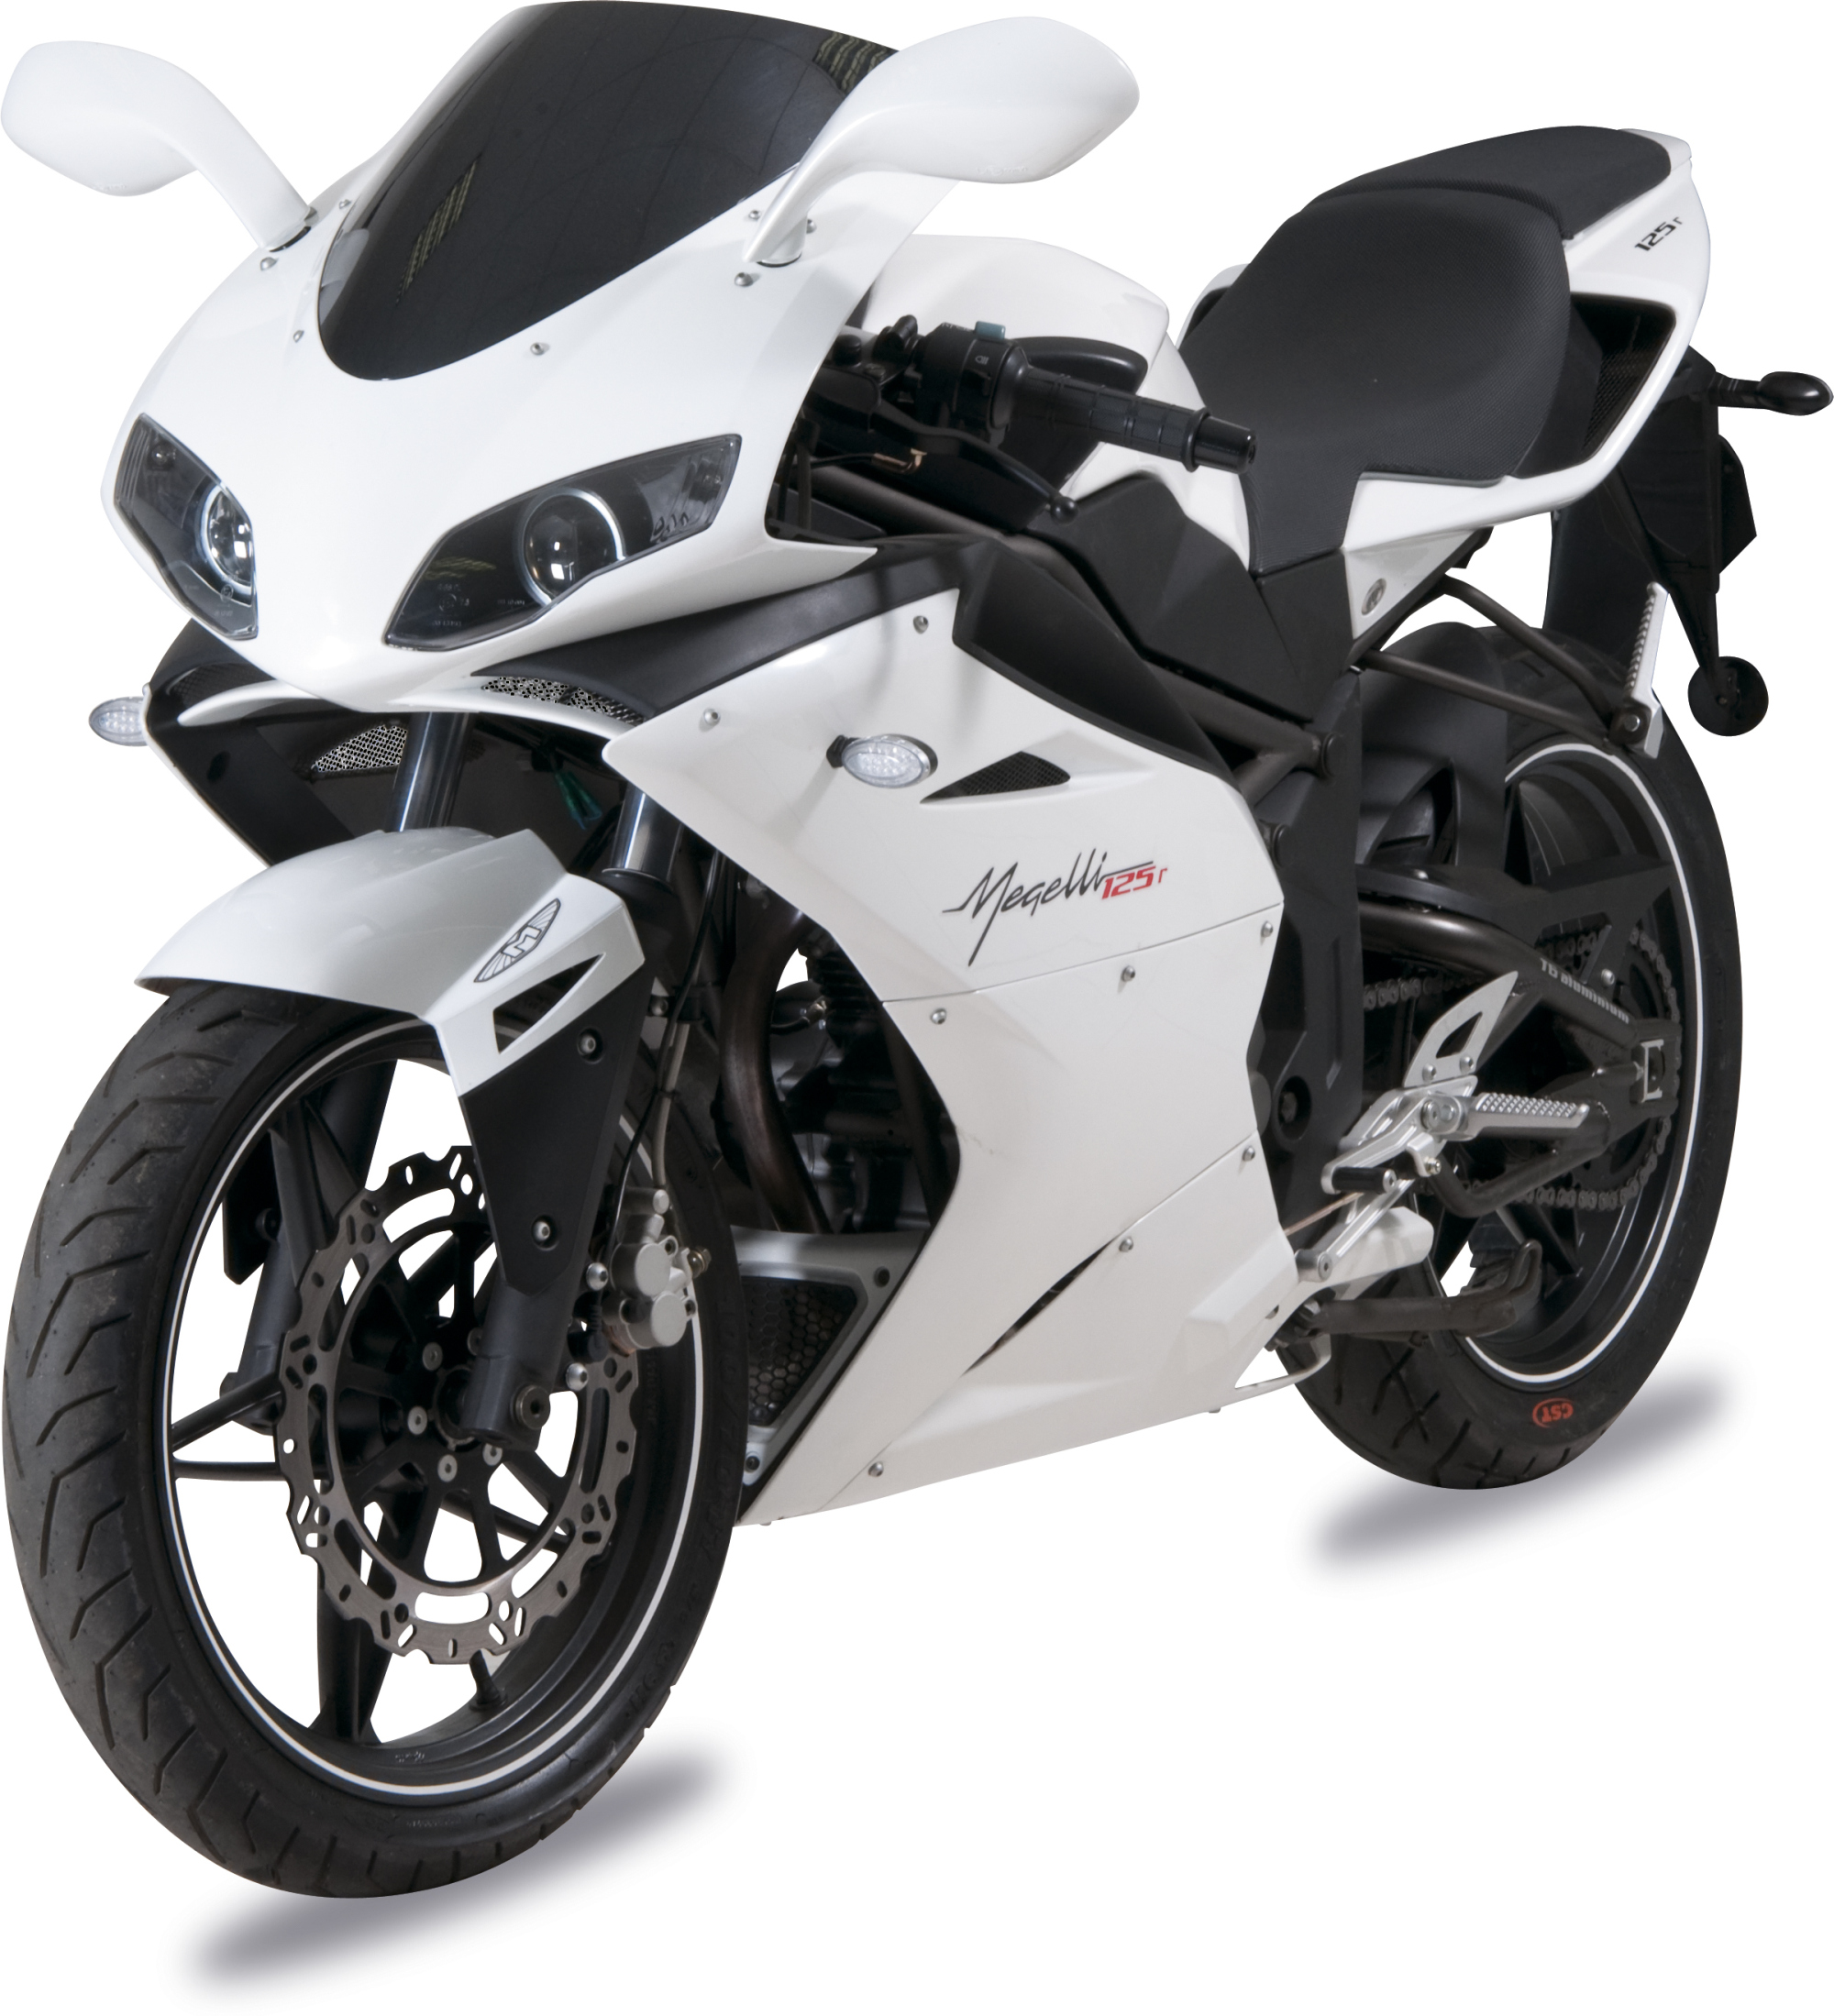 gebrauchte megelli 125r sport motorr der kaufen. Black Bedroom Furniture Sets. Home Design Ideas